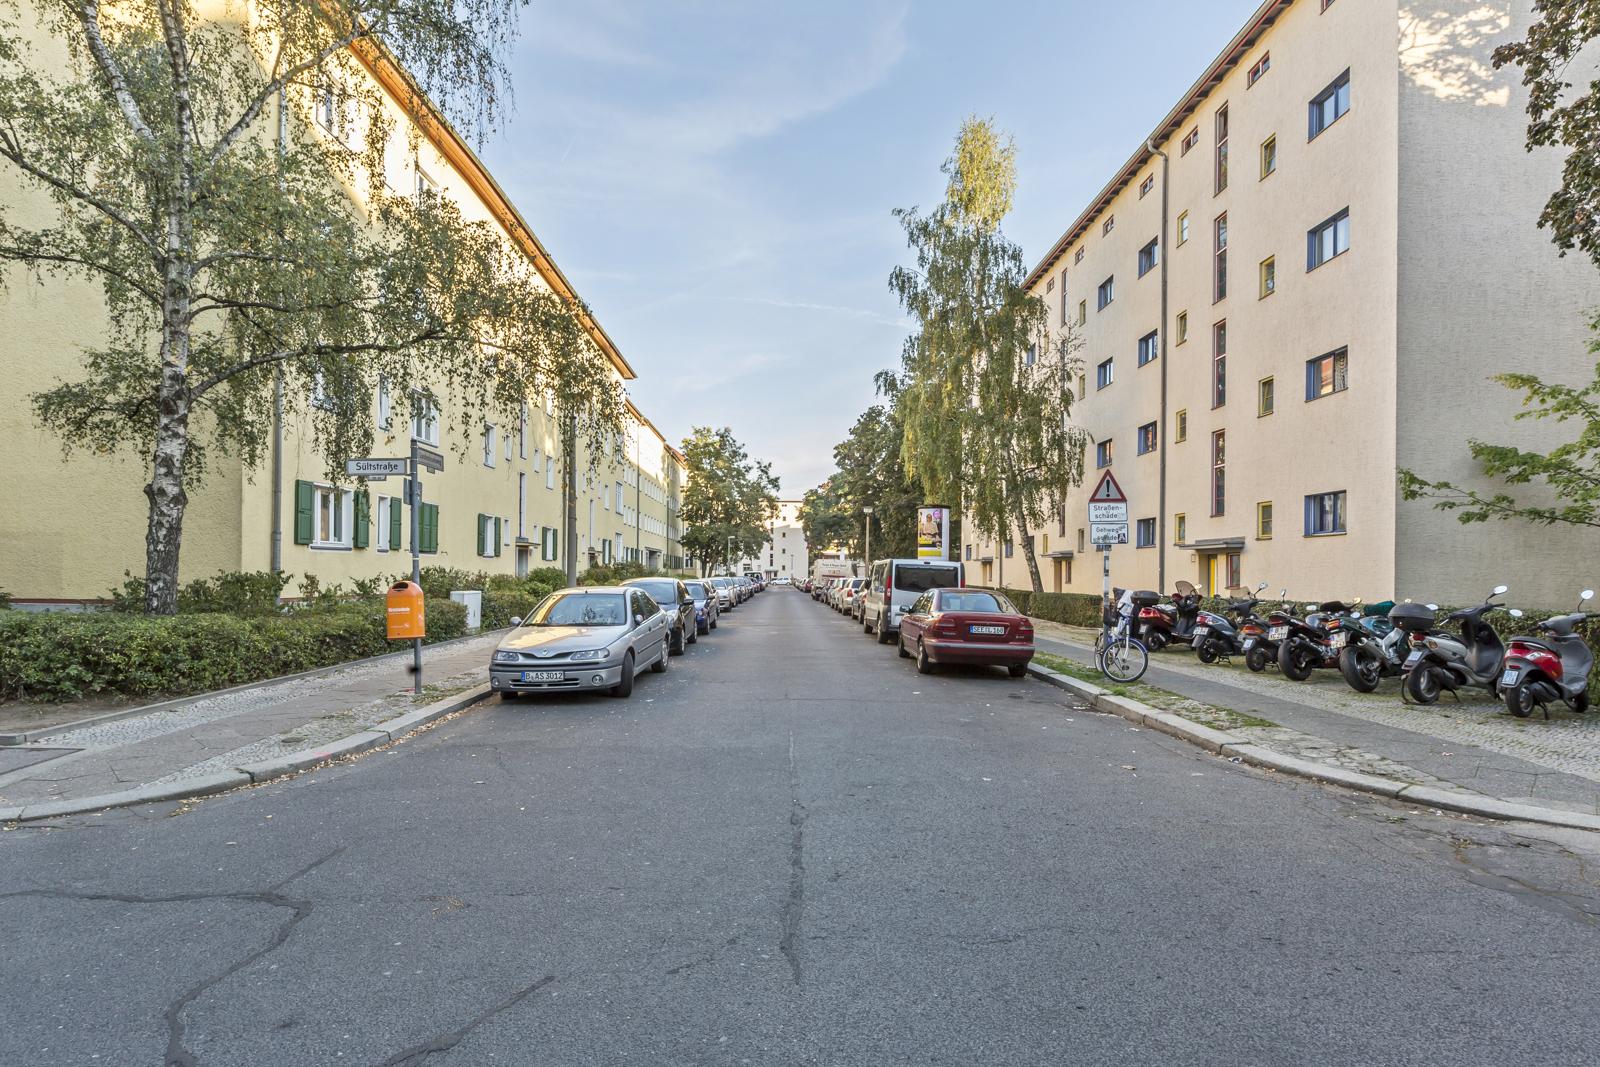 Ingo_Lawaczeck_Mähren_Lindenhoekweg_5-6